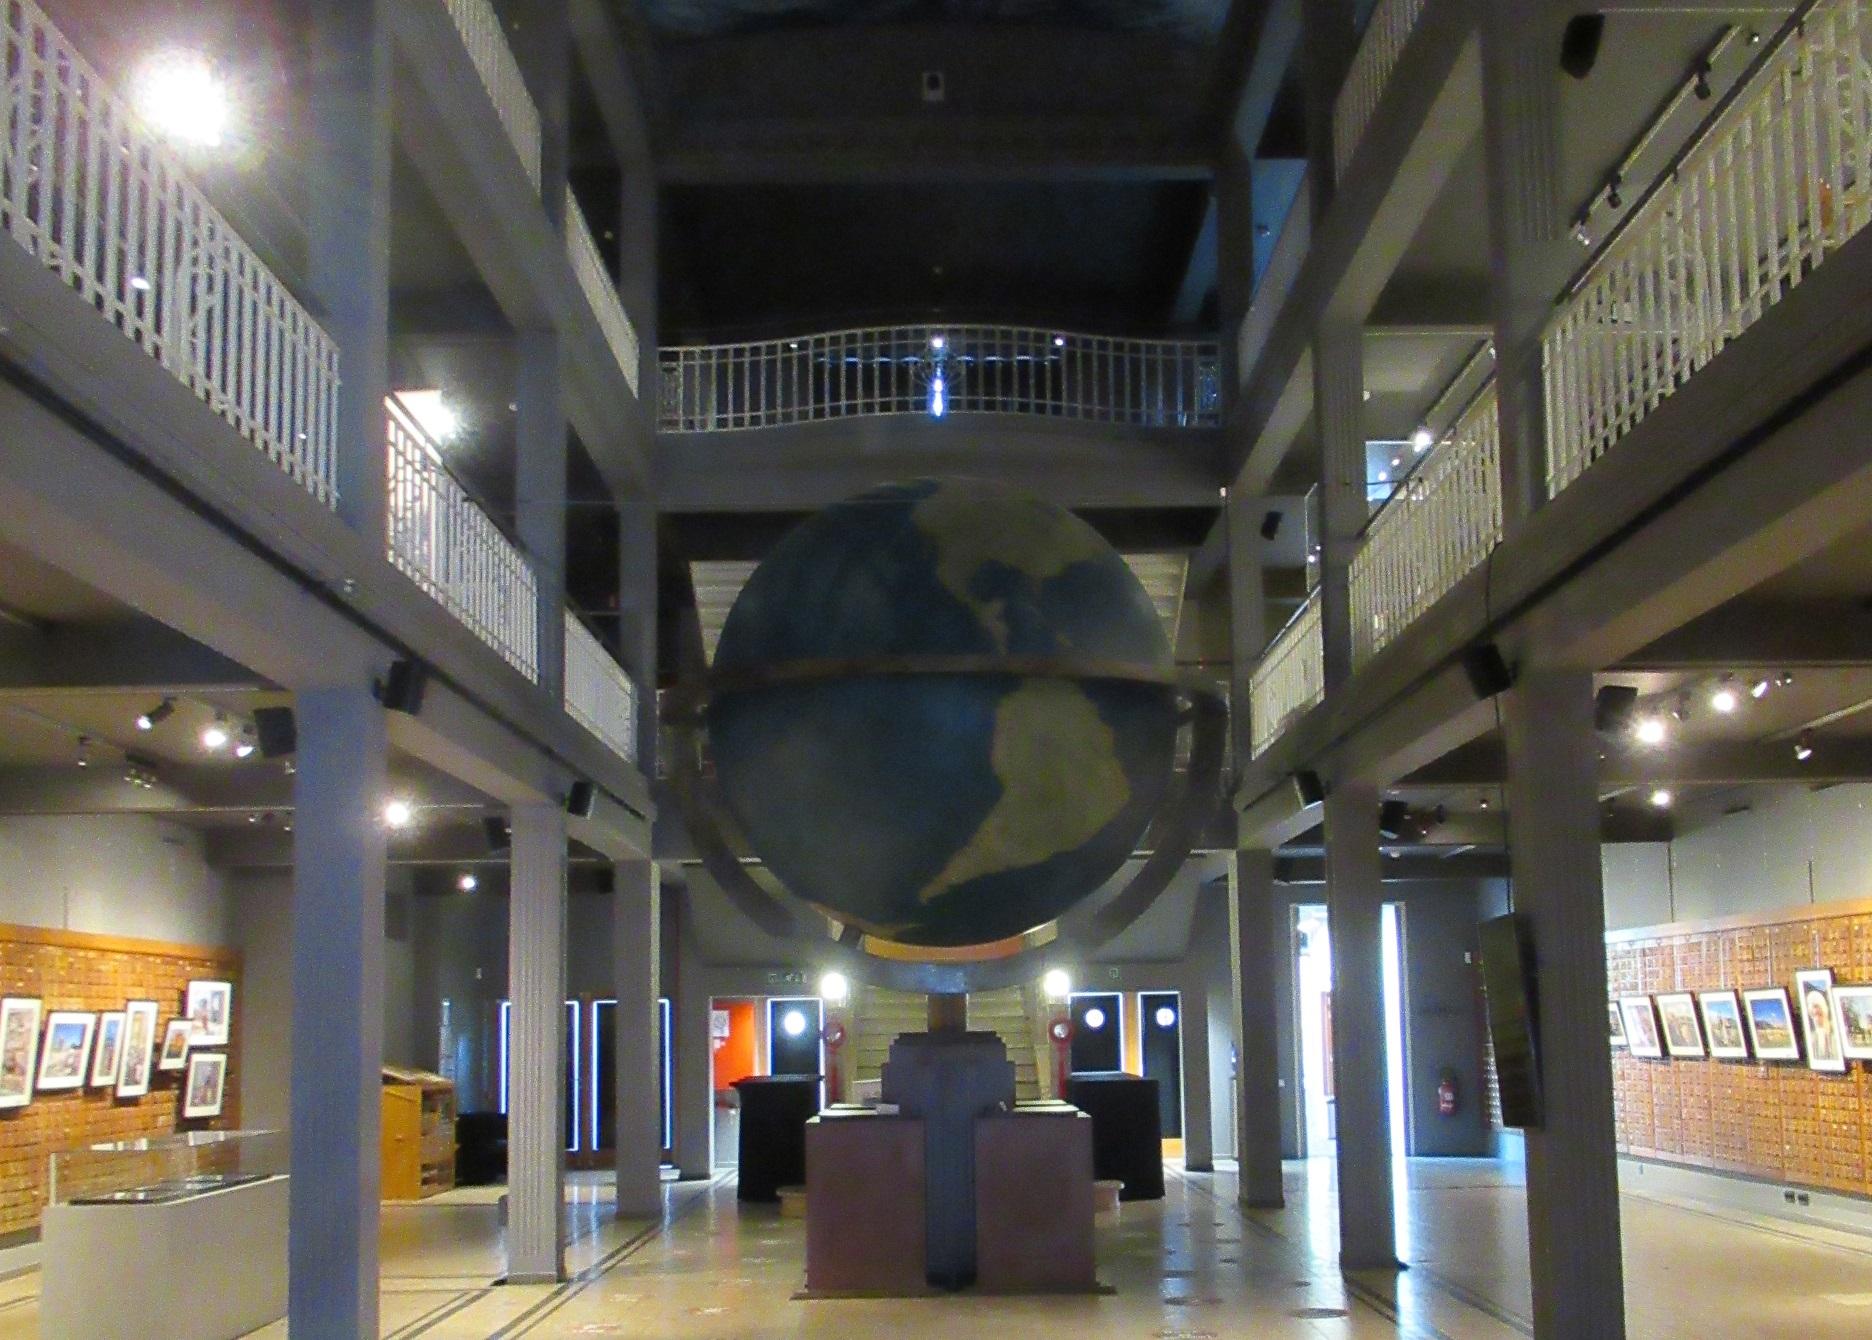 Több mint 100 éve Belgiumban megpróbálták összegyűjteni a Föld összes tudását